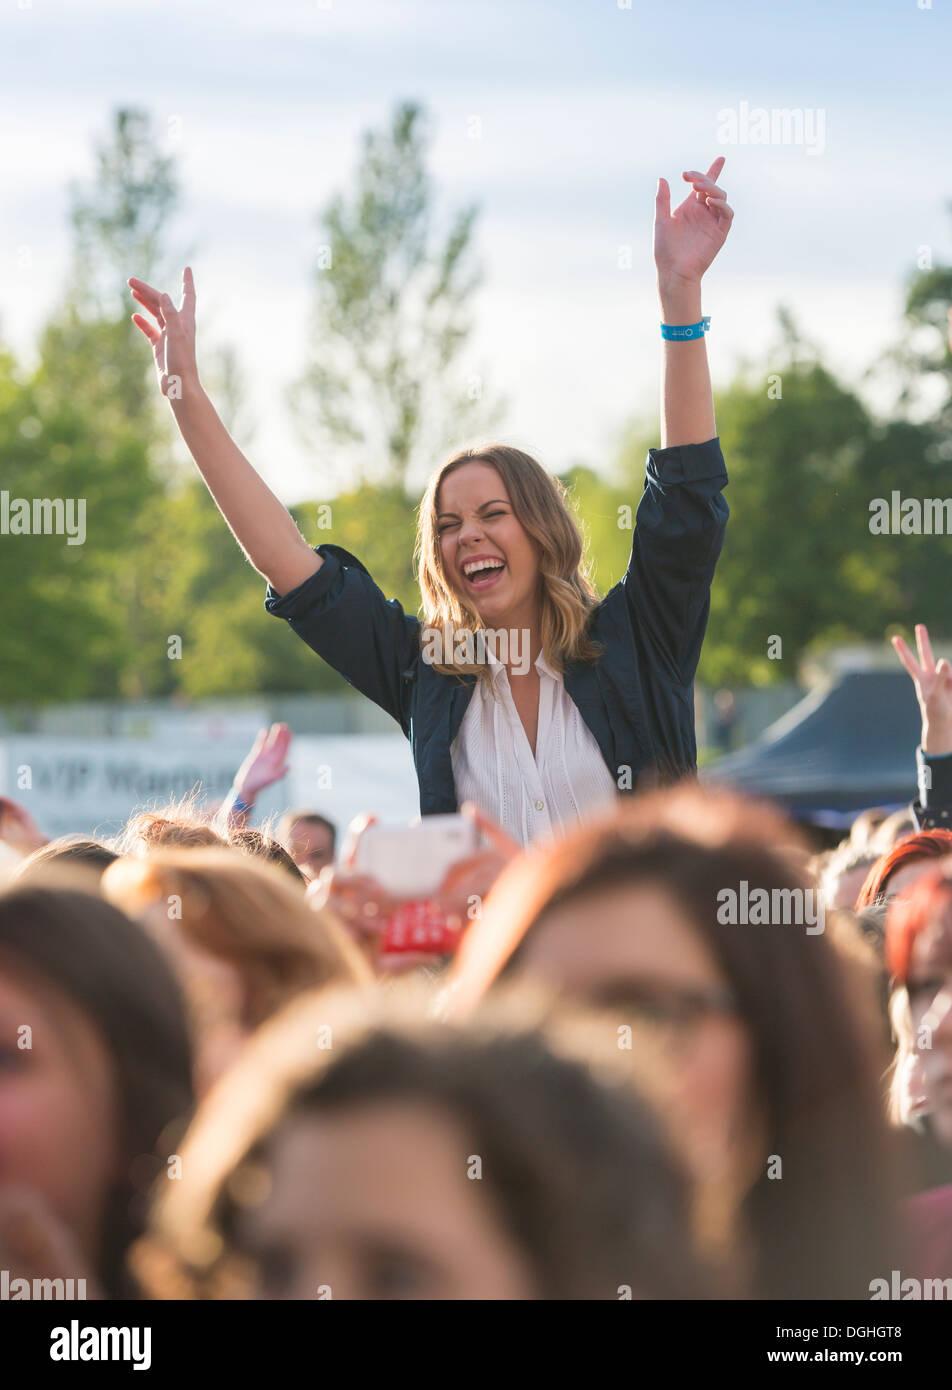 Eine Frau in einer Menschenmenge auf einem Konzert. Stockbild